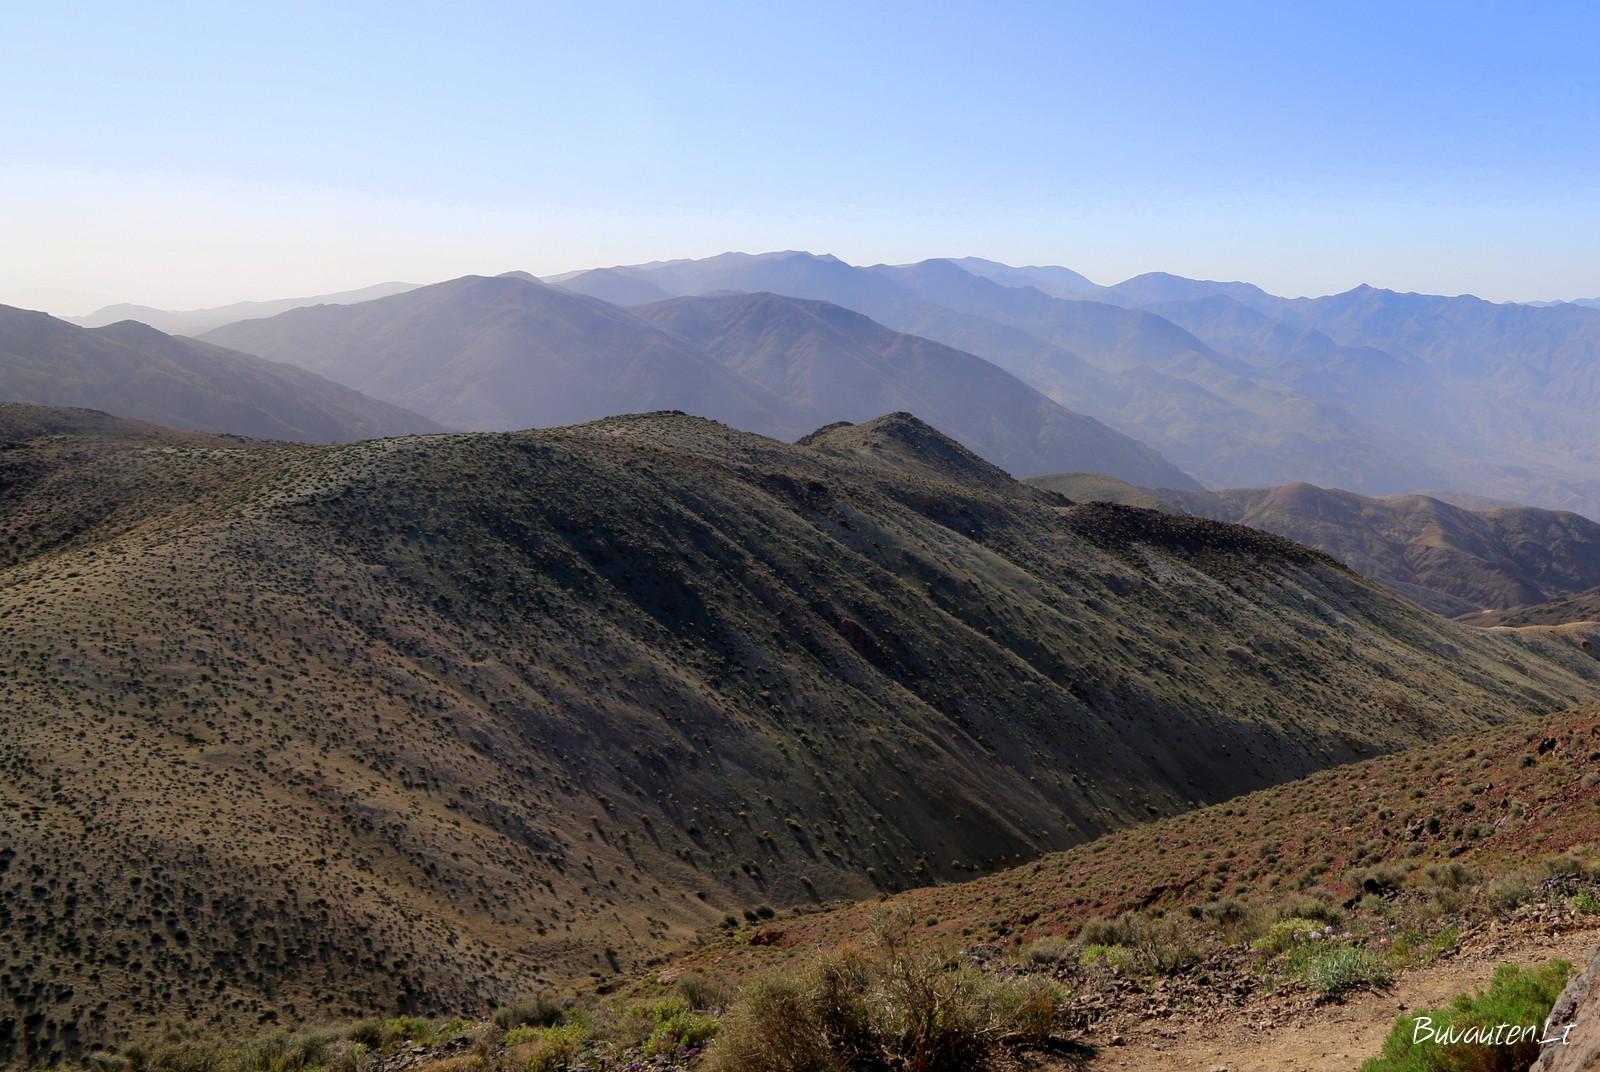 Juodieni kalnai nuo Dantės apžvalgos aikštelės